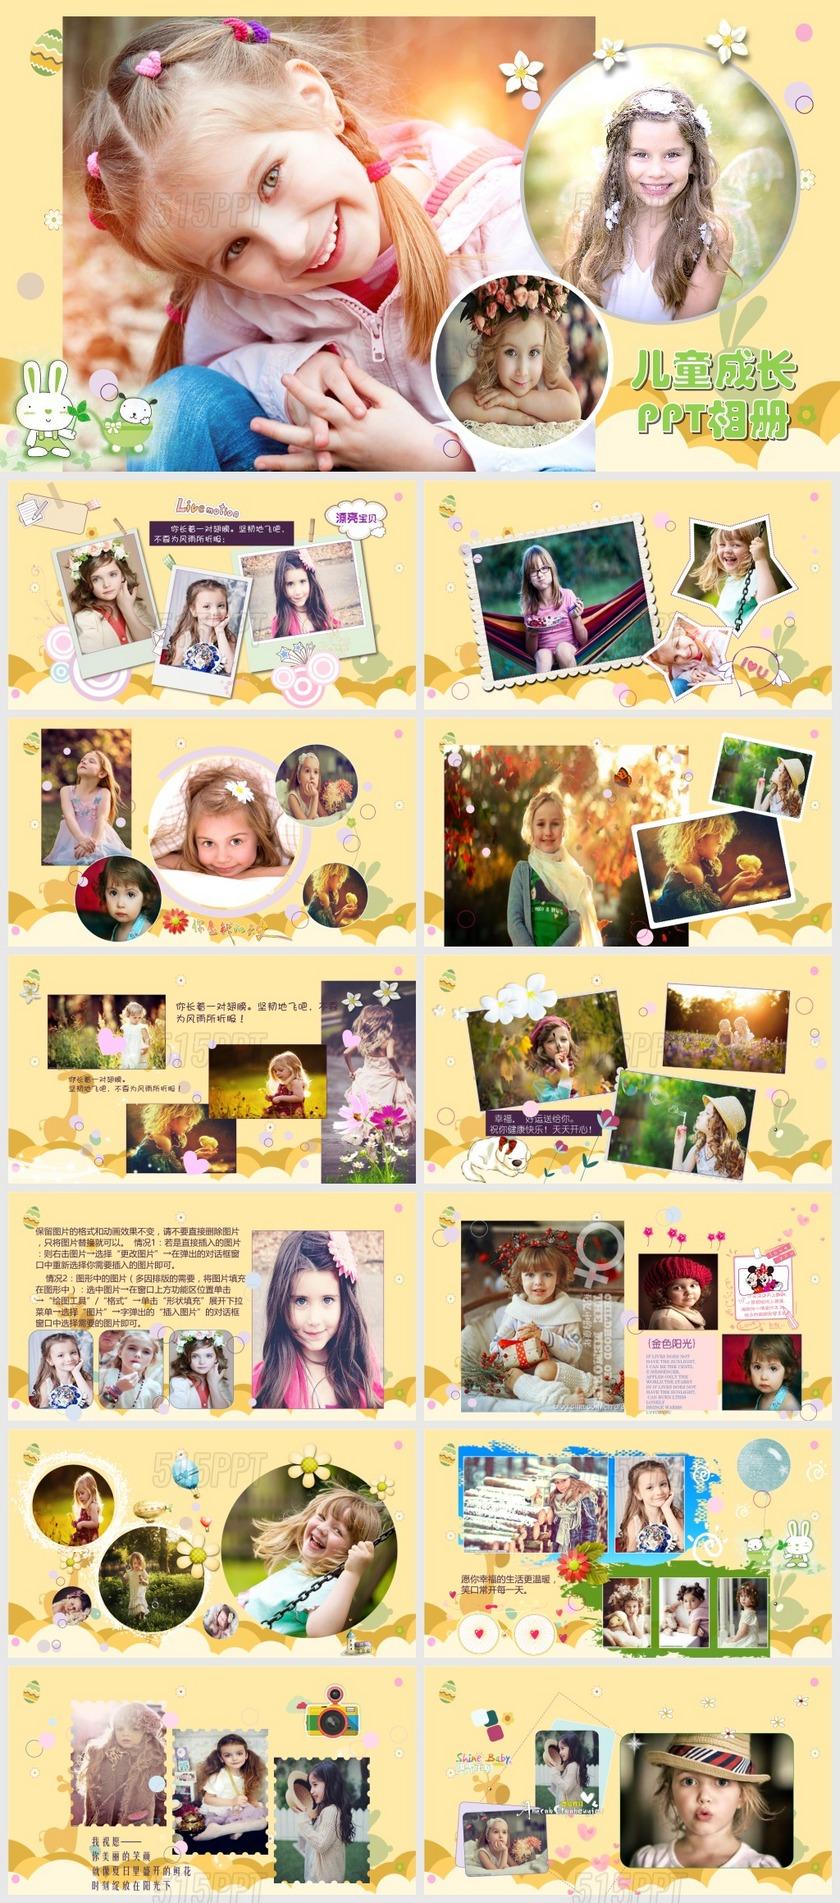 儿童相册成长相册生日相册模板PPT模板